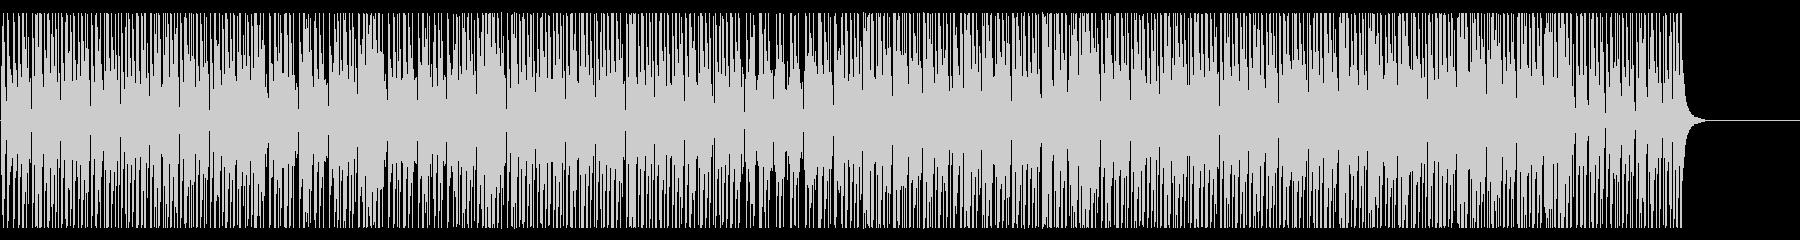 三味線のダウナーな和風ミドルテンポの未再生の波形